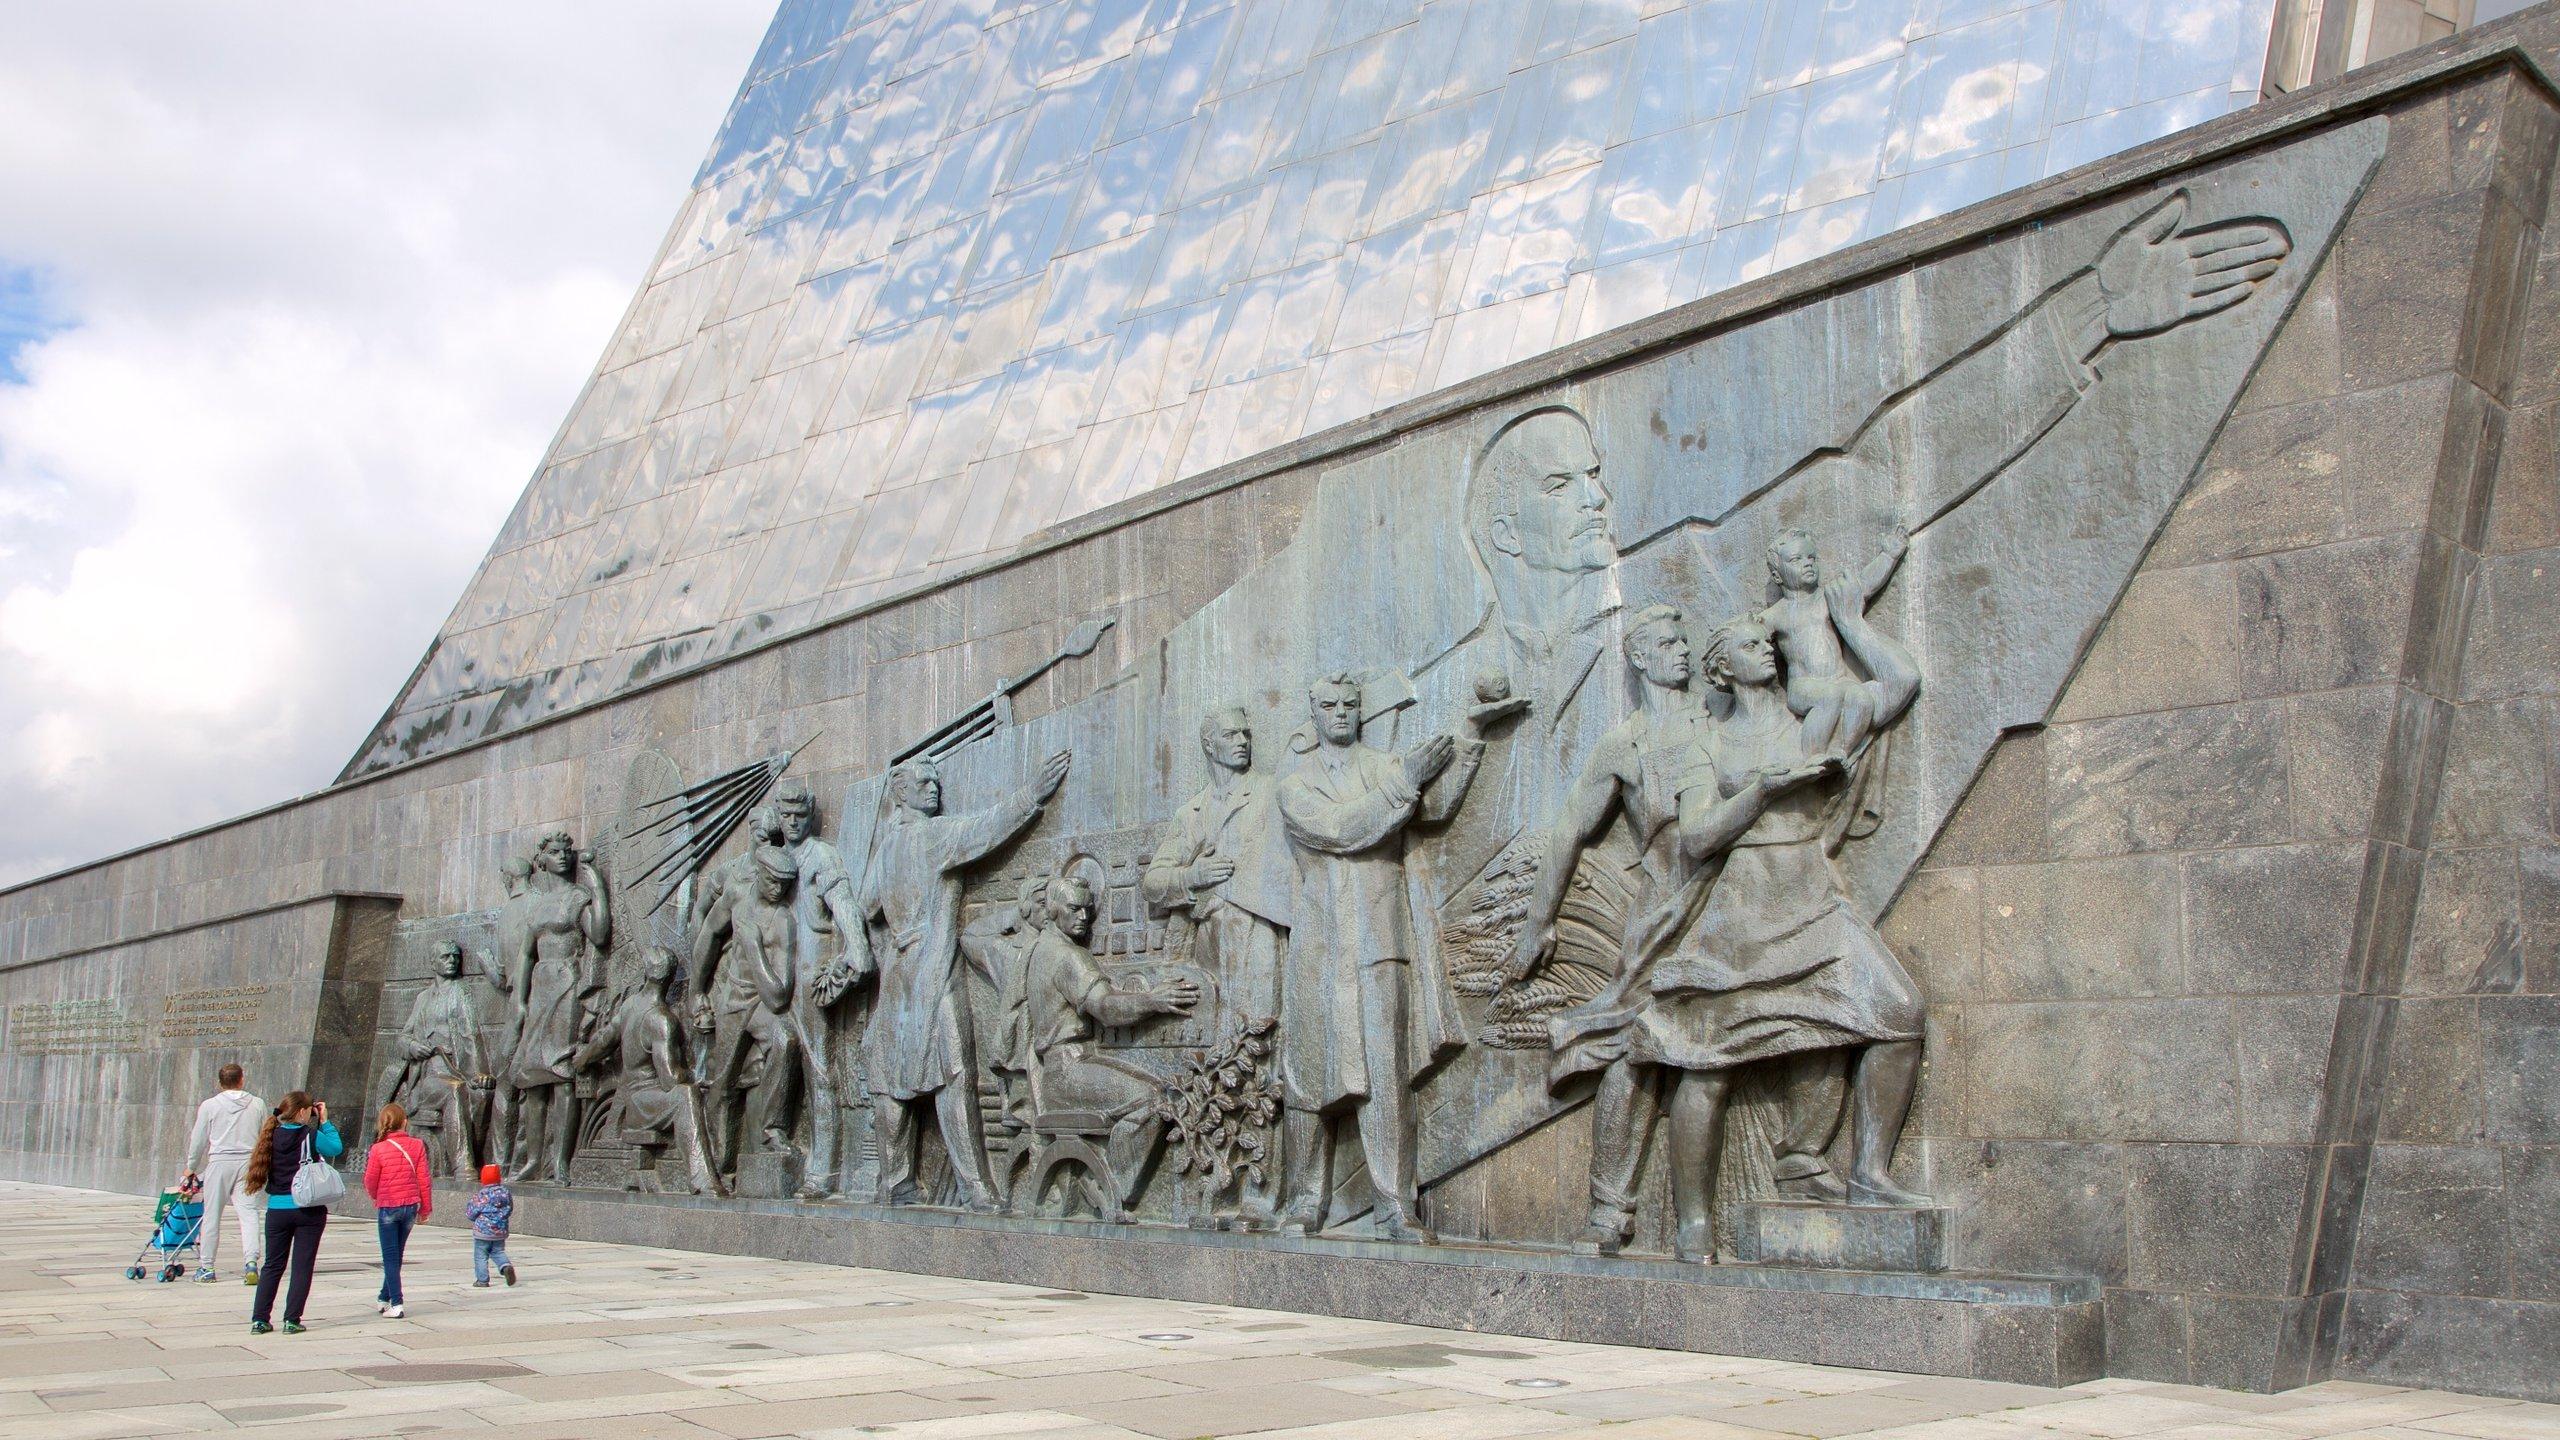 Moskova joka esittää ulkotaide ja monumentti